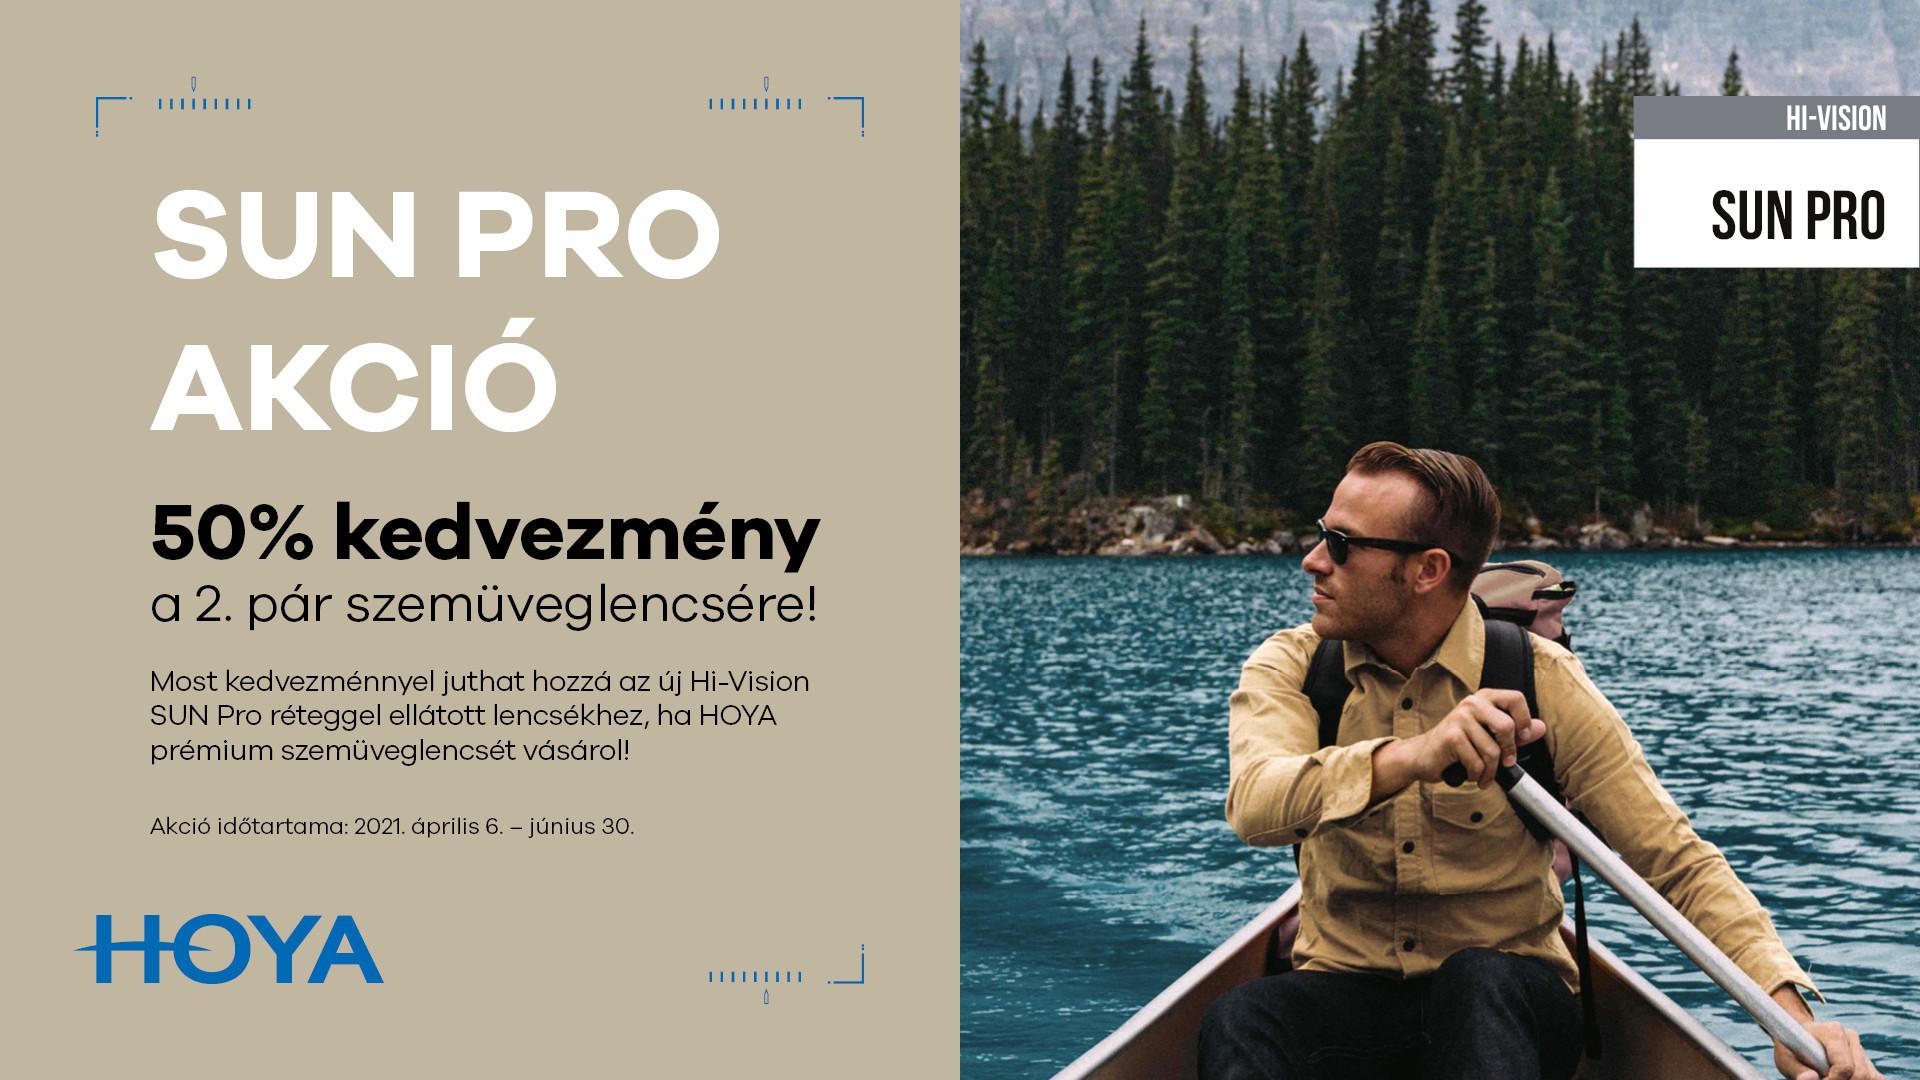 Hi-Vision SUN Pro 50% kedvezmény a 2. pár szemüveglencsére!